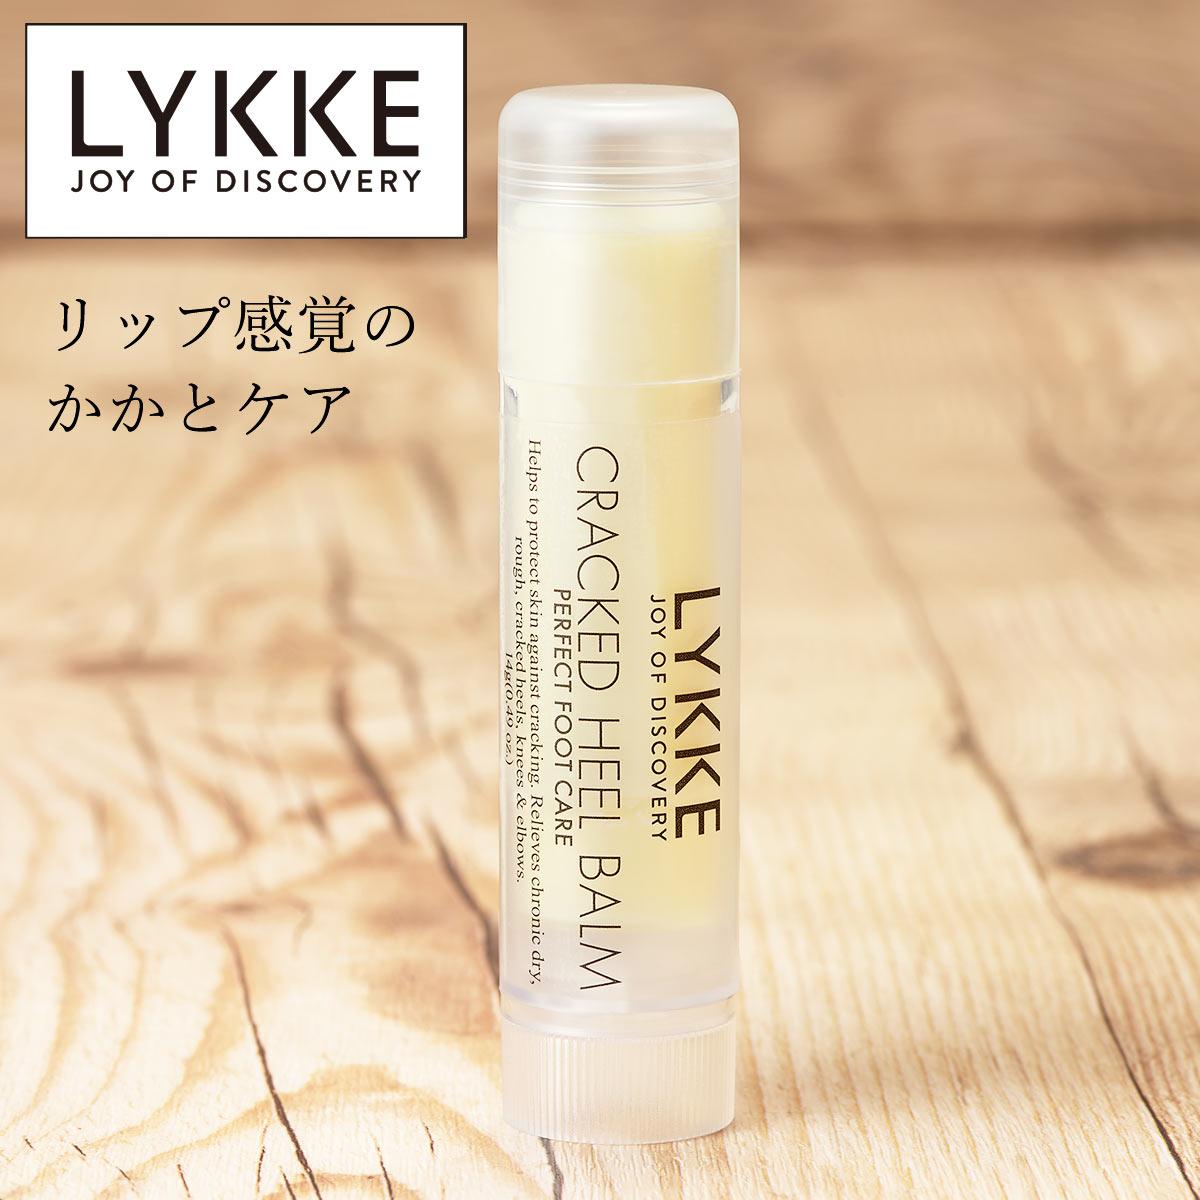 【リュッケ】 クラックドヒールバーム CHRバーム プチ   #LYKKE #日本製 #保湿 #かかと #かかとケア #携帯用